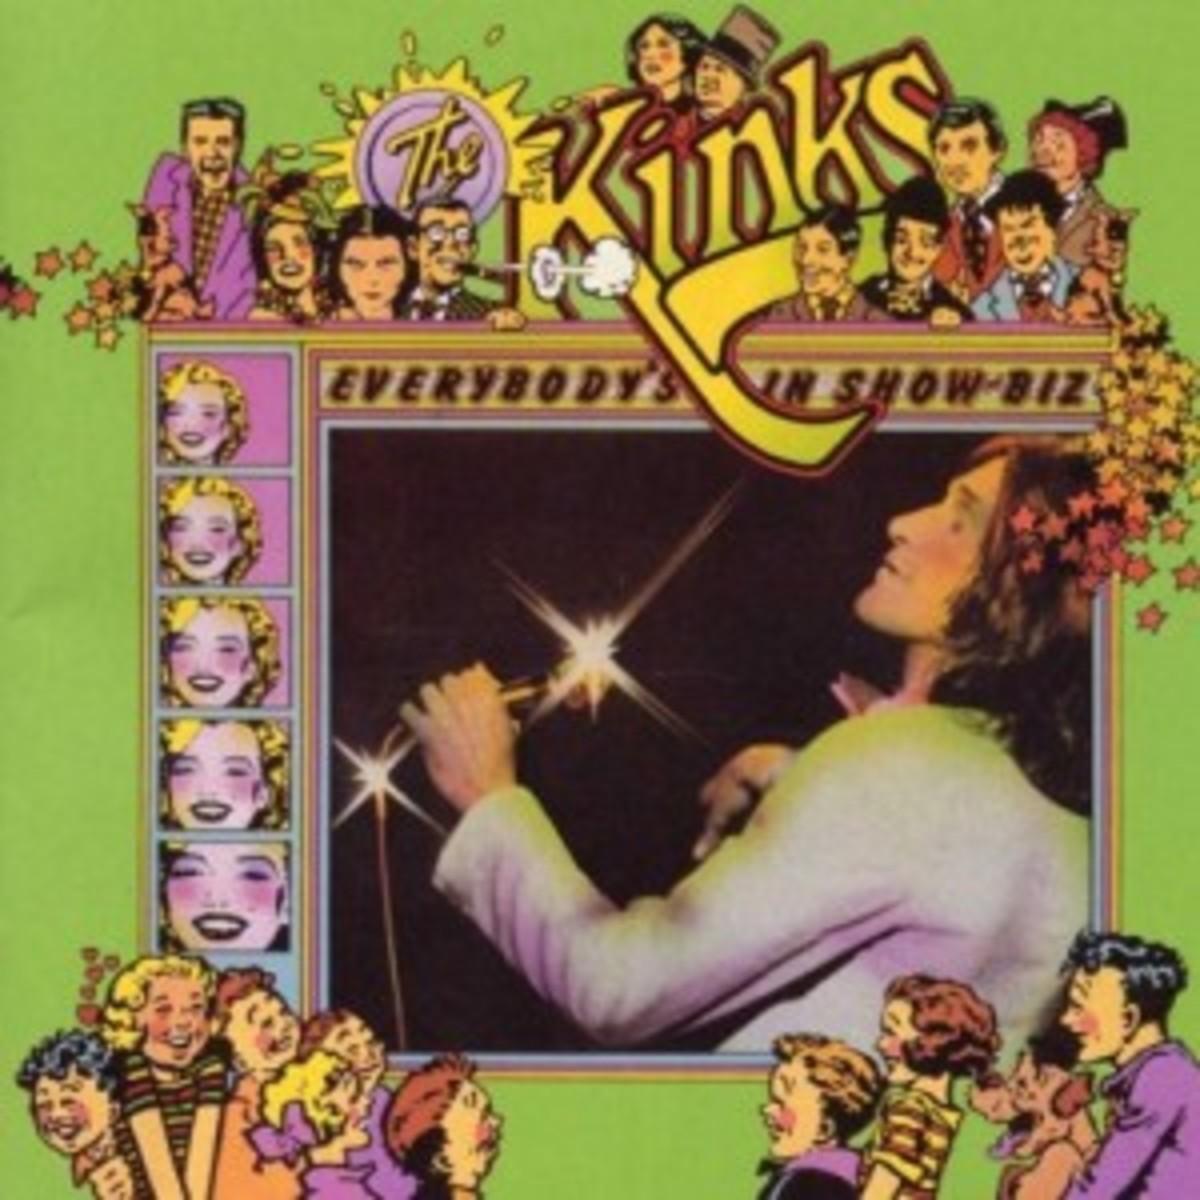 kinks-show-biz